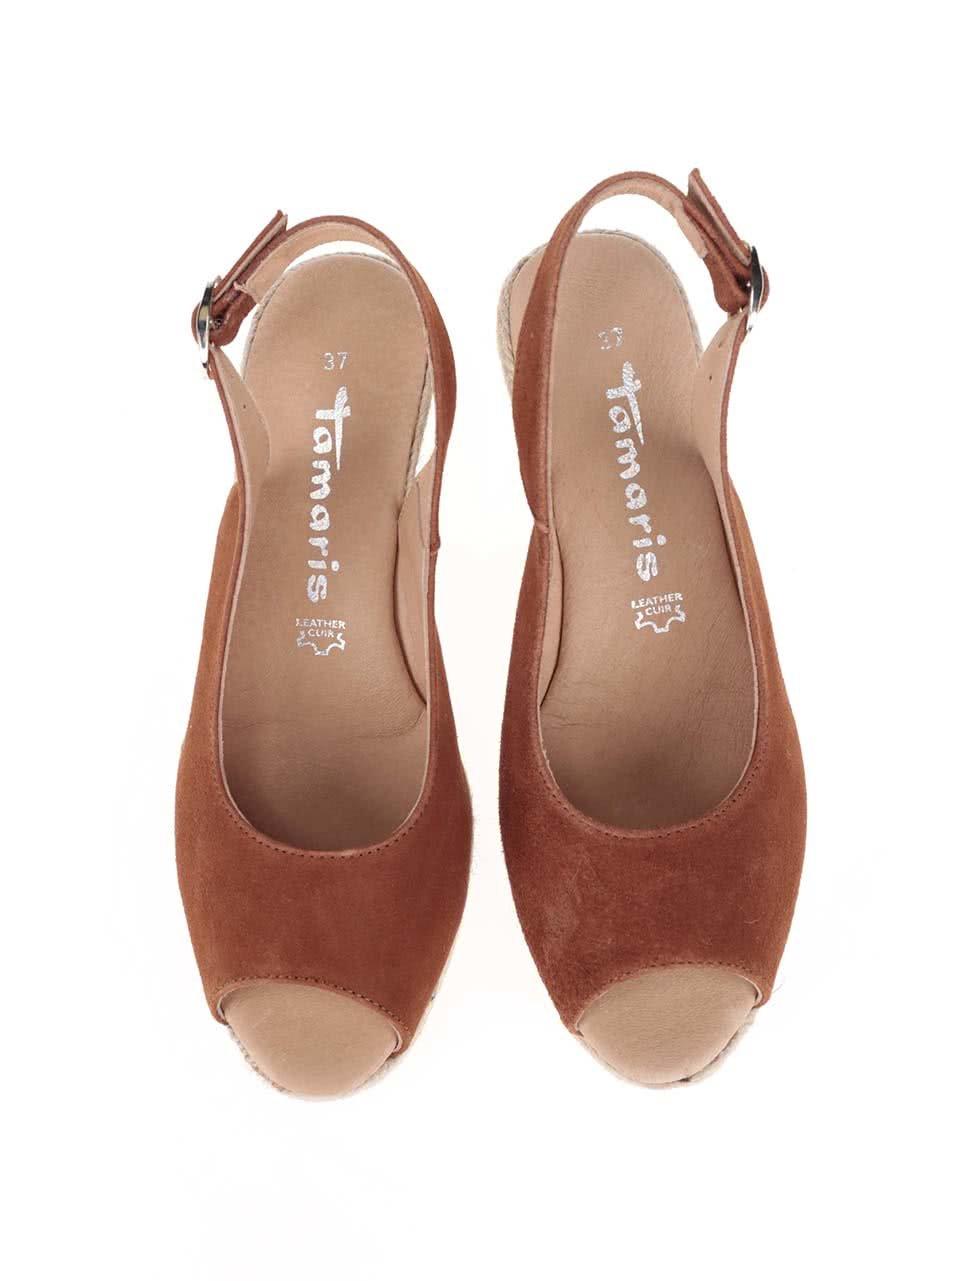 659d2f01ab5a Hnedé kožené sandálky na platforme Tamaris ...